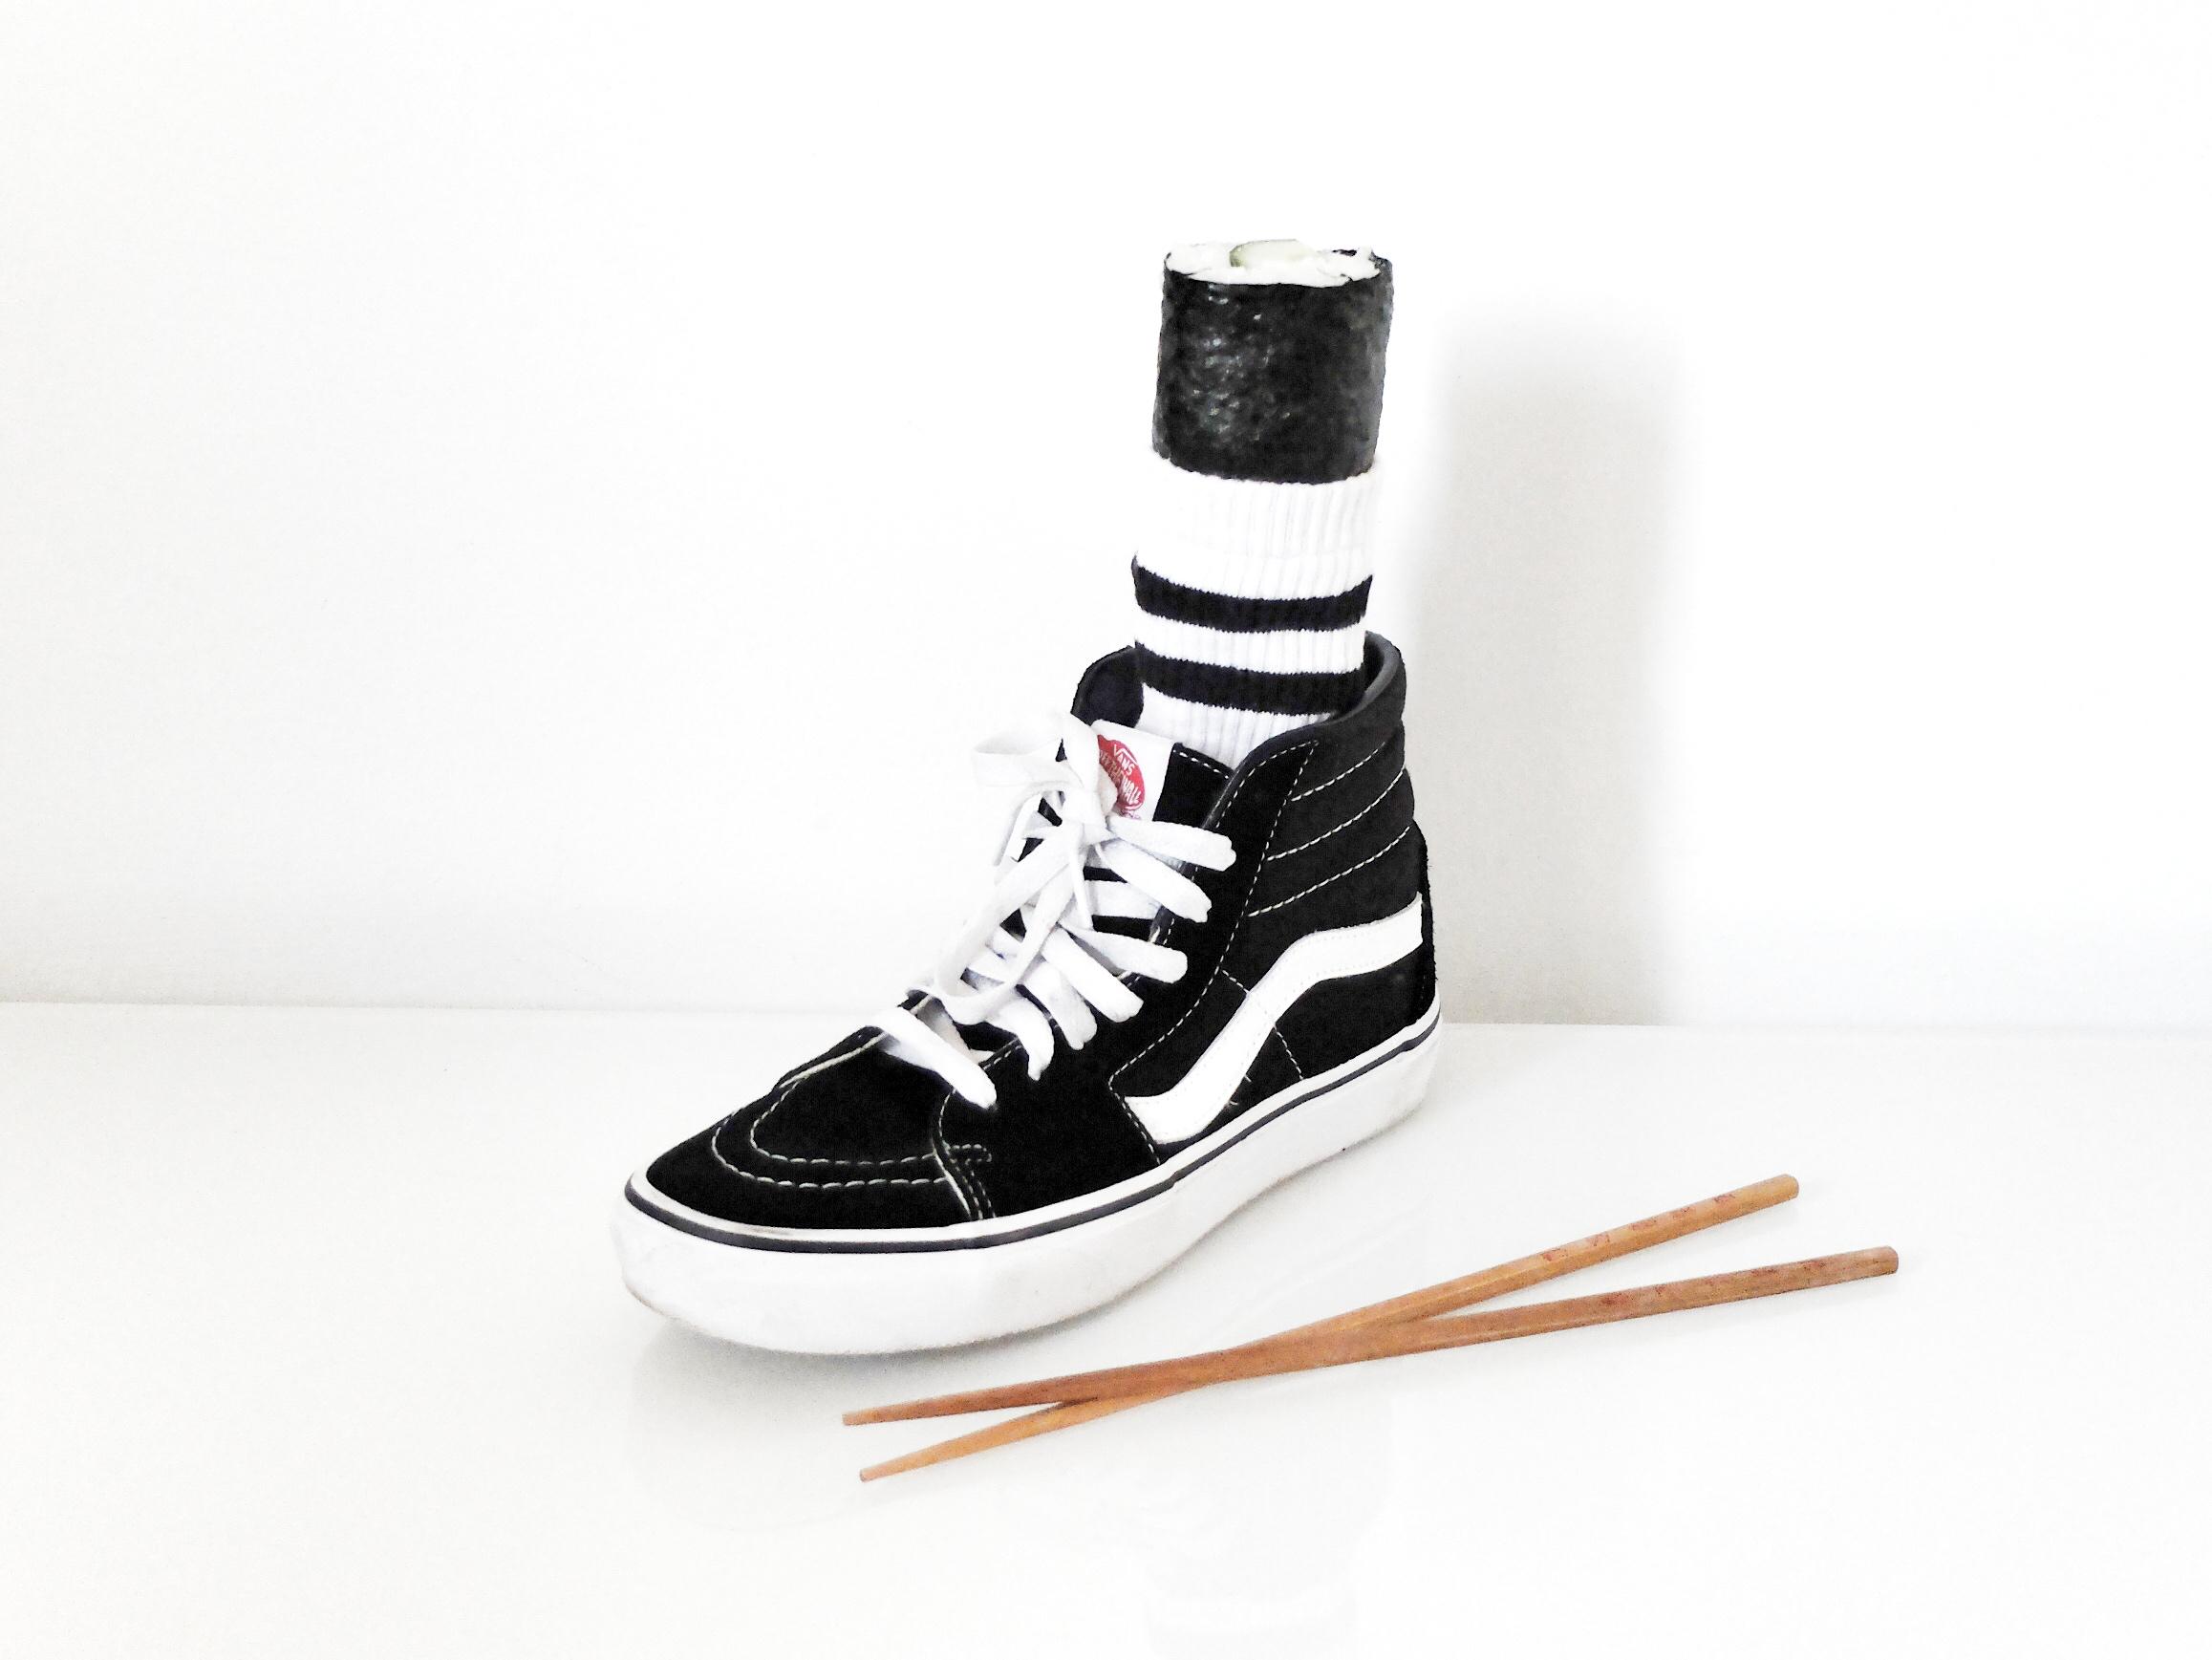 shoe-step-japan-sushi